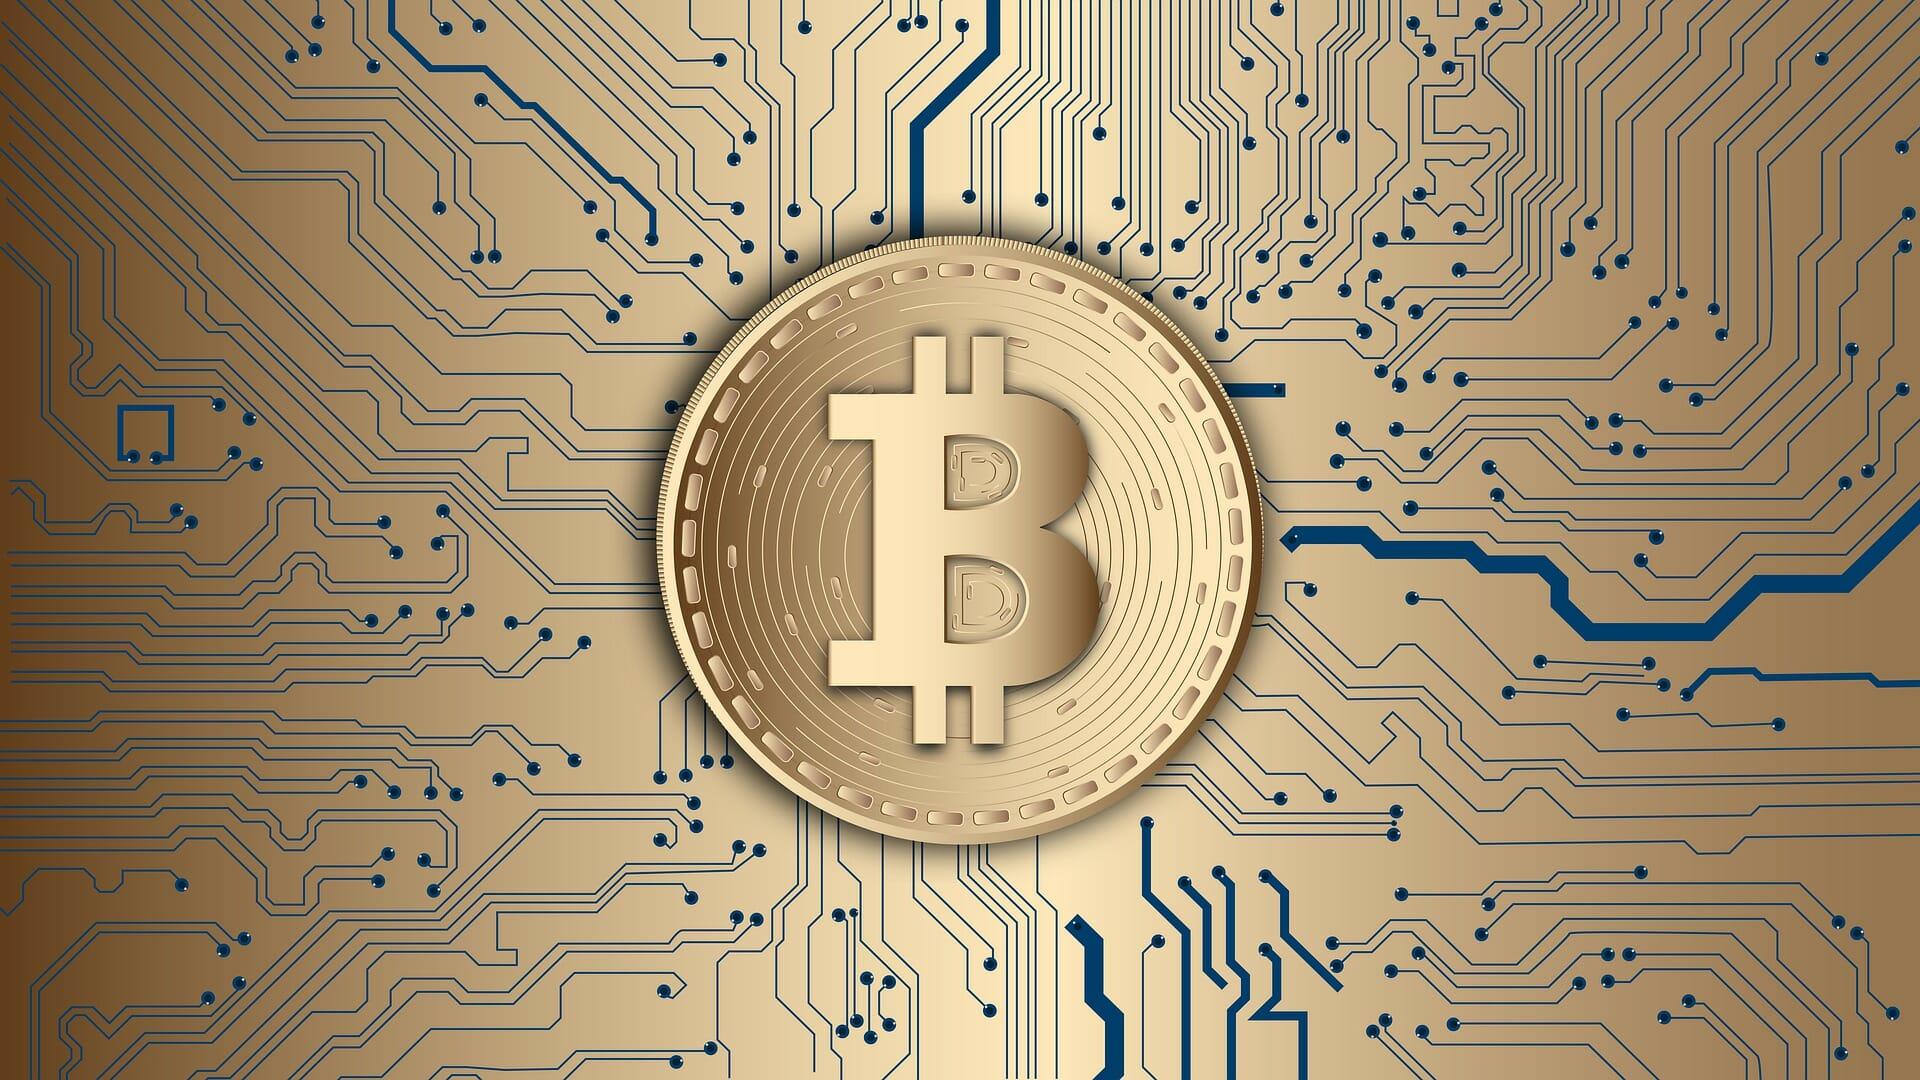 Die Kryptowährung Bitcoin